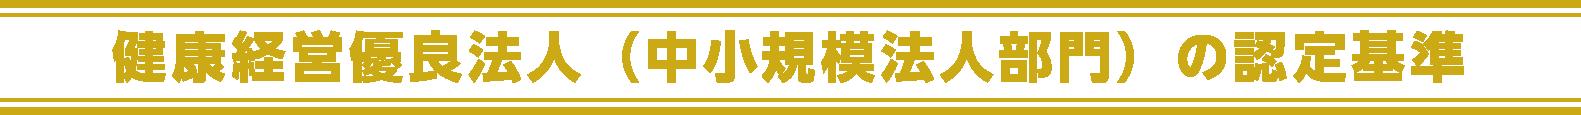 健康経営優良法人(中小規模法人部門)の認定基準